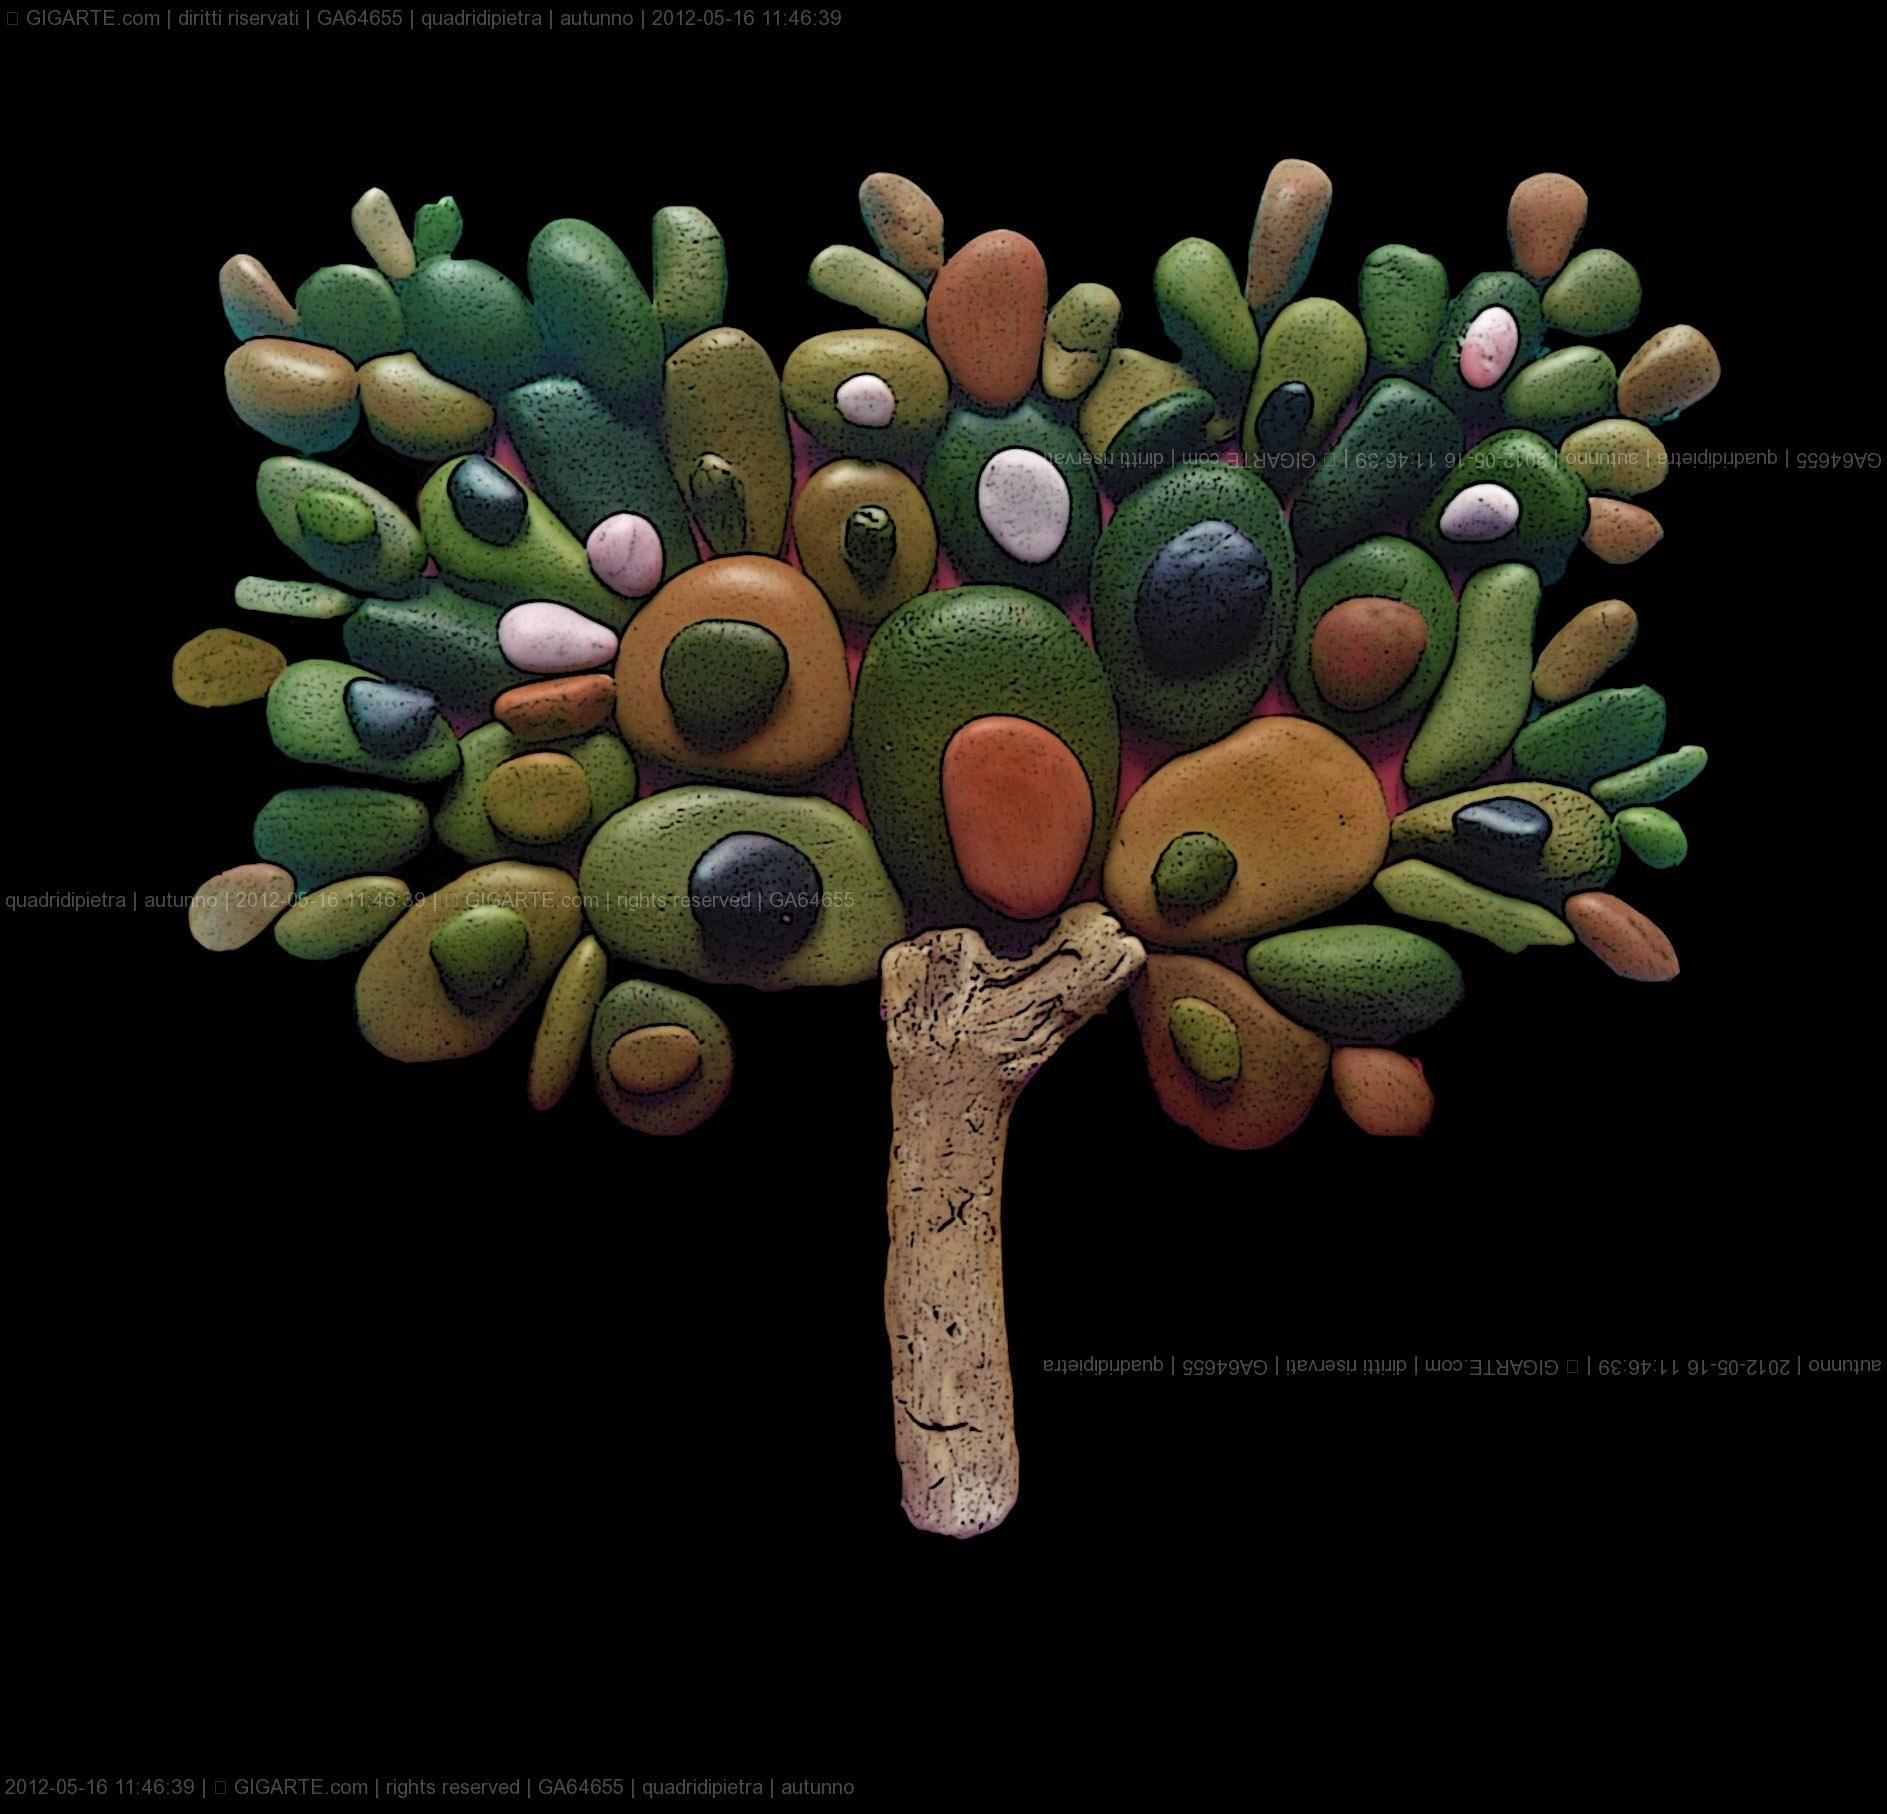 1000+ идей на тему: Галечное Искусство в Pinterest Рок-искусство, Камни и Каменное искусство